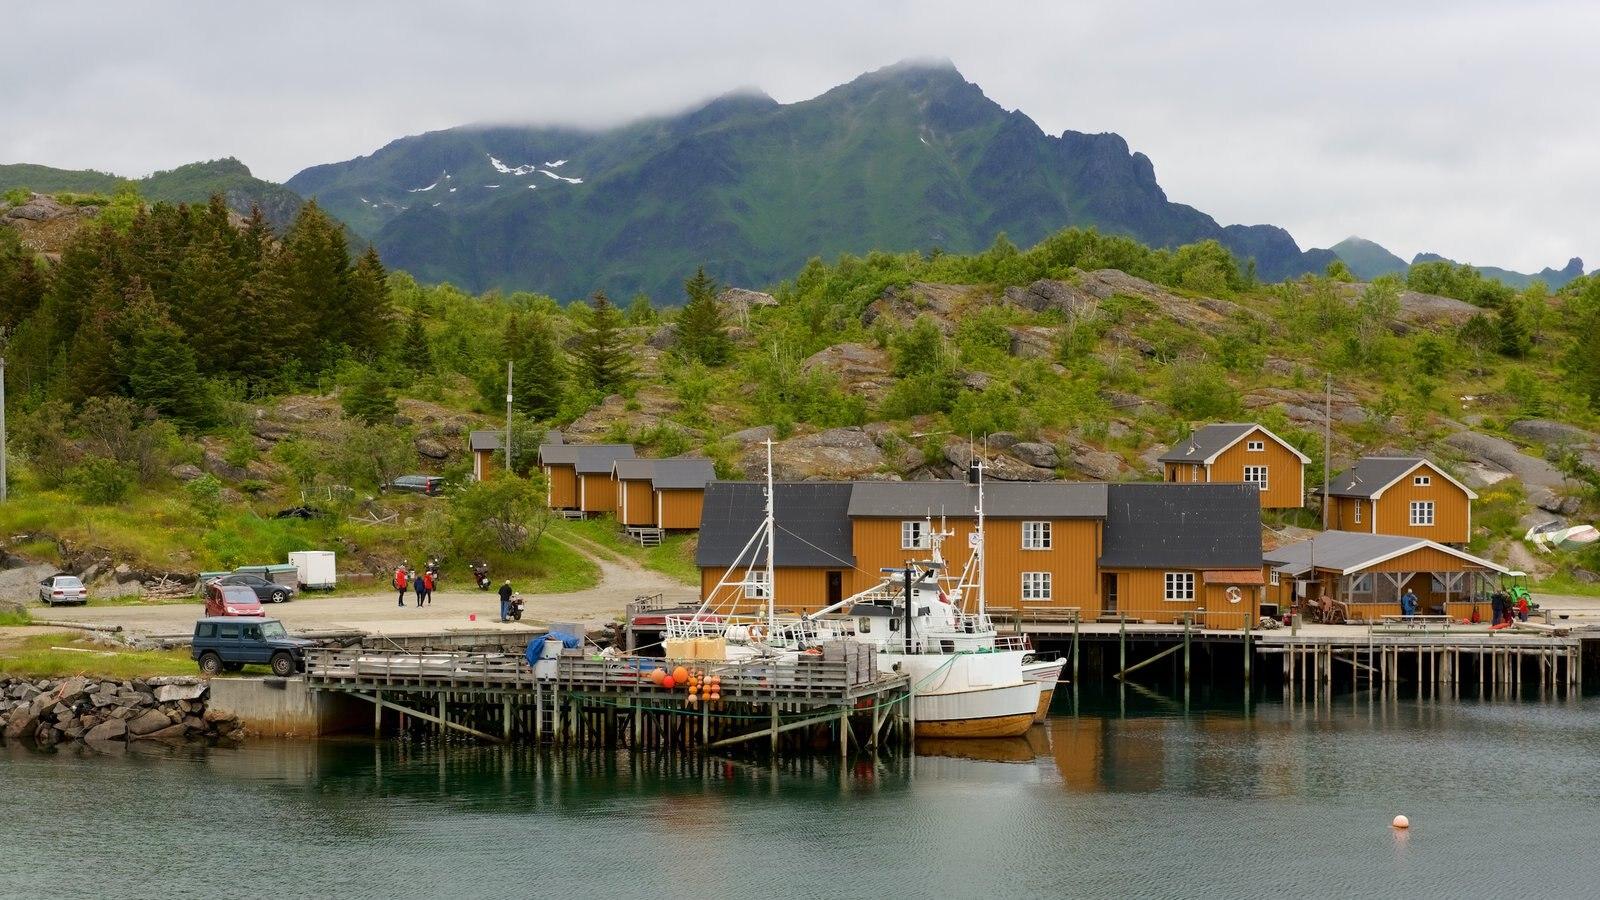 Stamsund que incluye paseos en lancha y una pequeña ciudad o pueblo